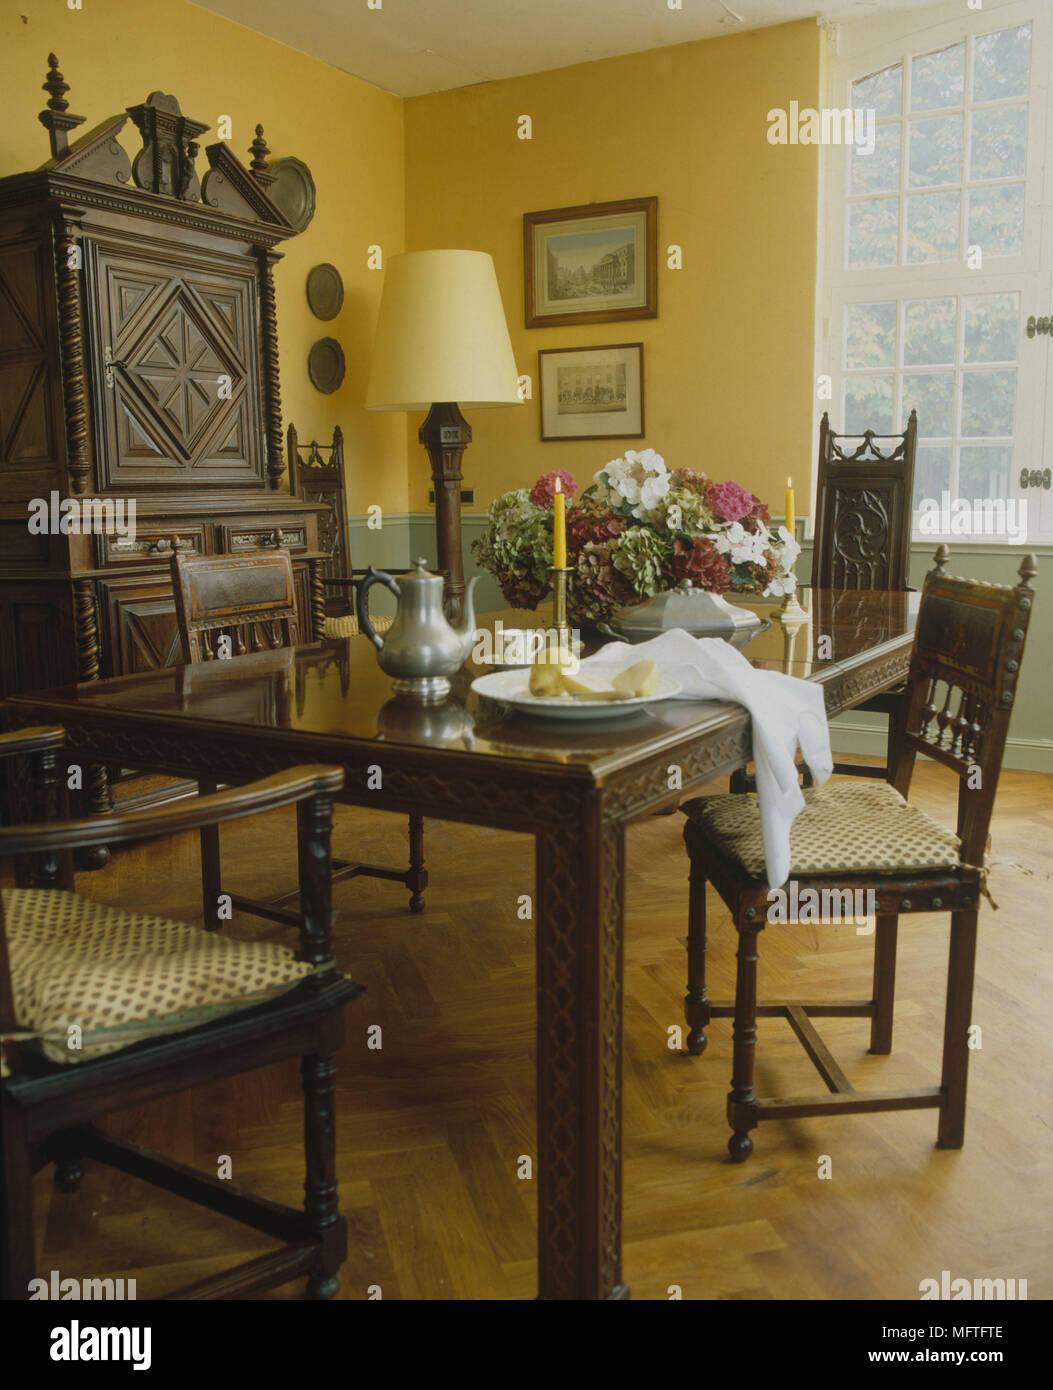 Traditionelle Esszimmer Gelb Und Hellgrunen Wanden Tisch Stuhle